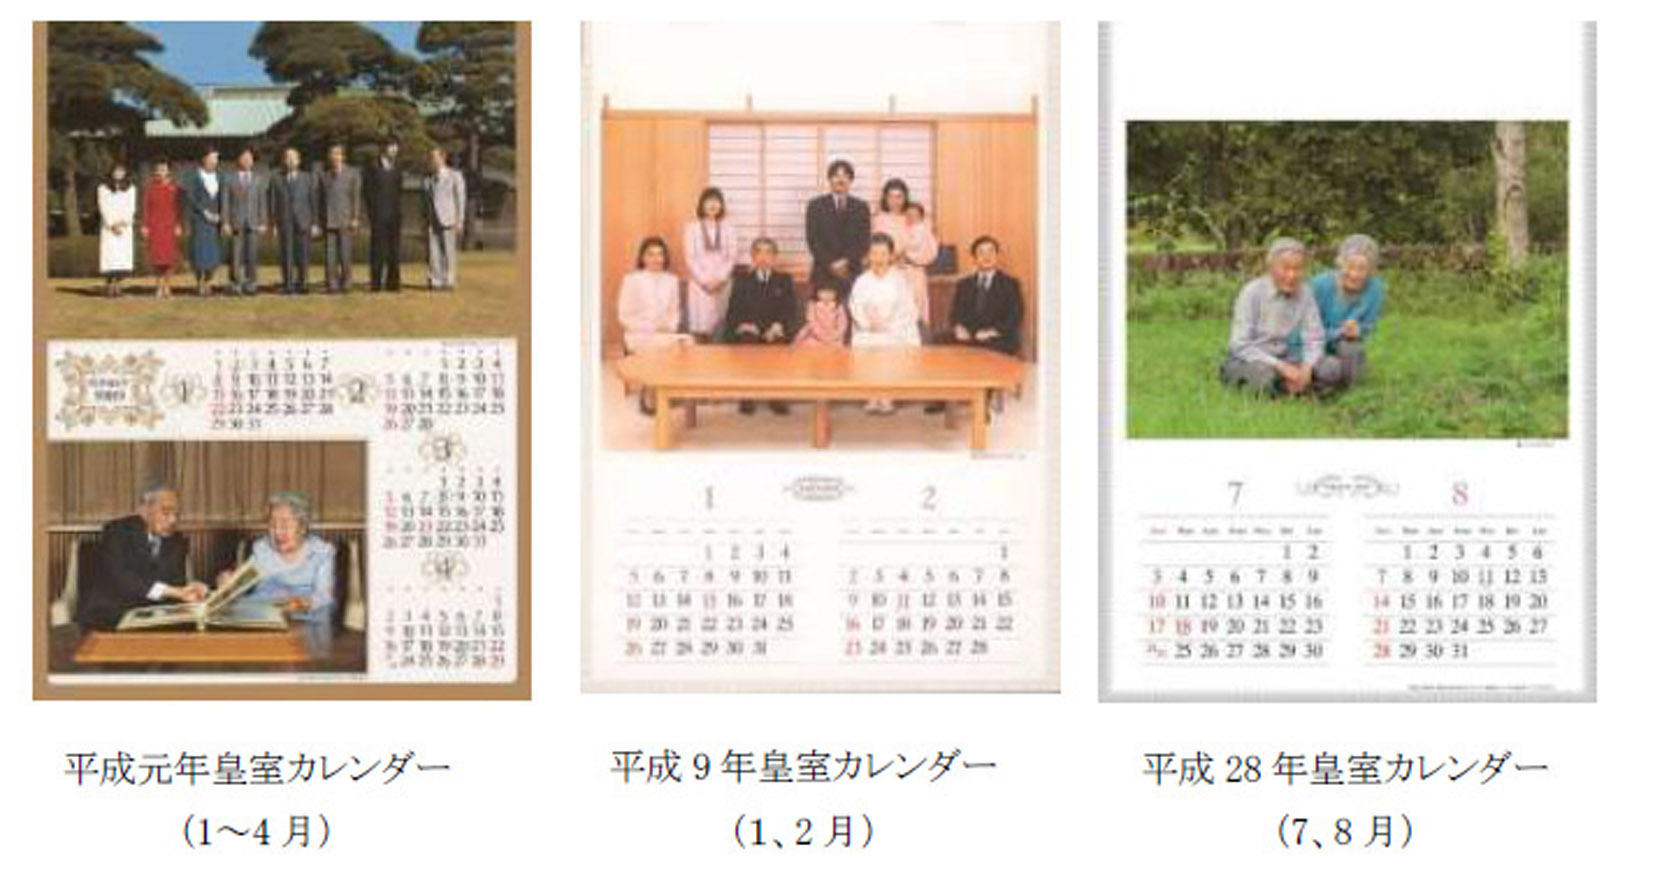 皇室カレンダーから